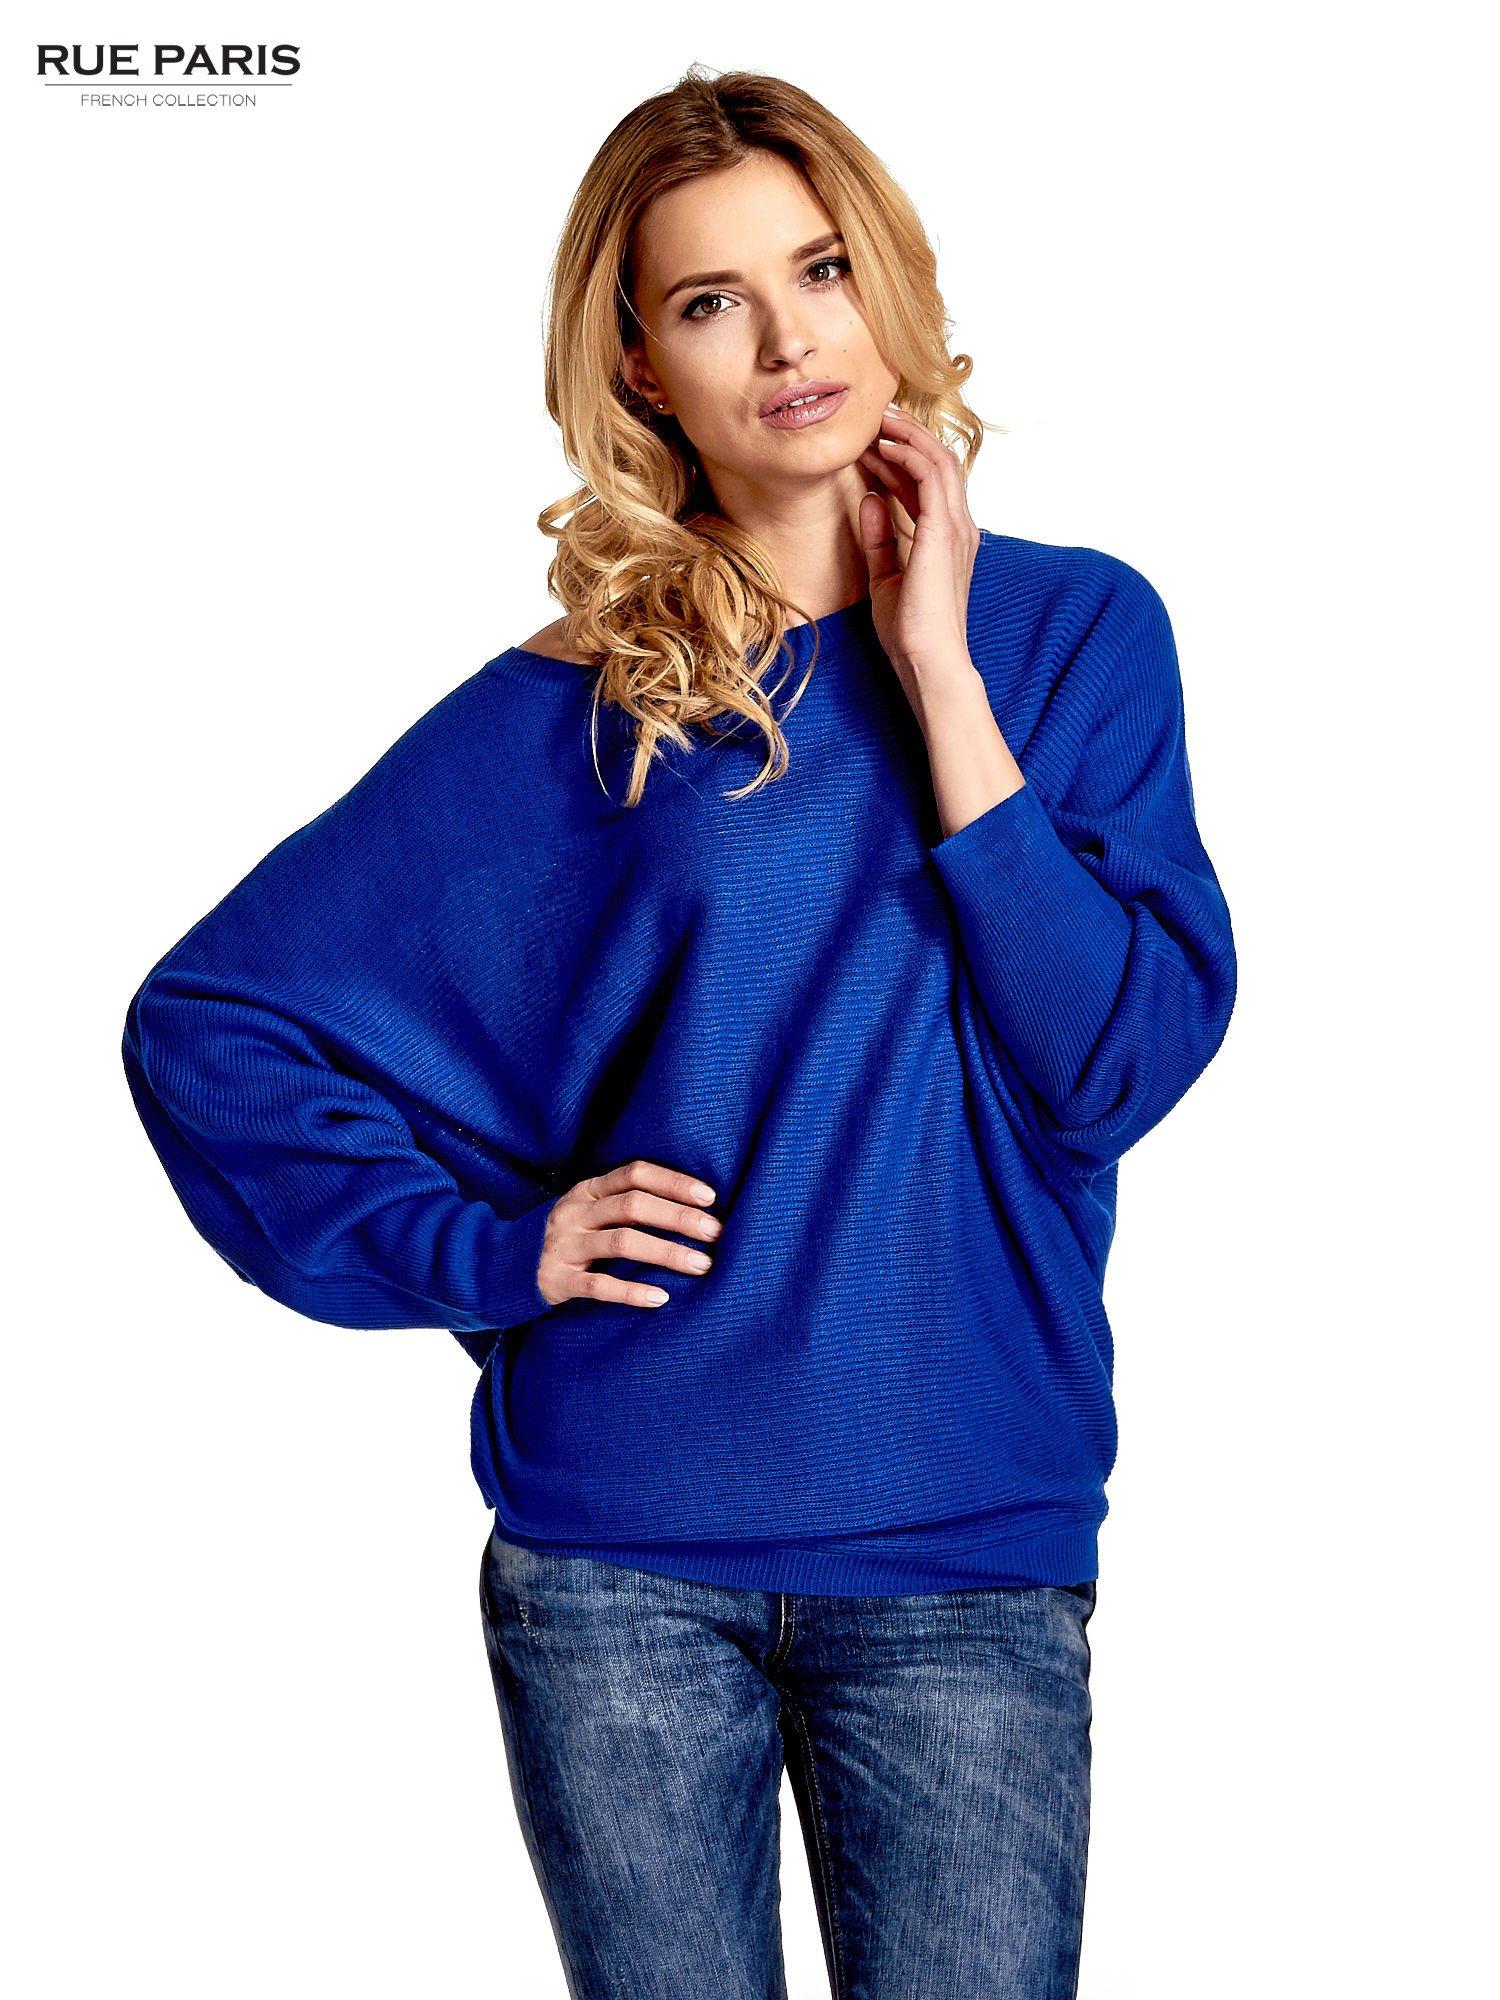 Niebieski sweter z nietoperzowymi rękawami                                  zdj.                                  1